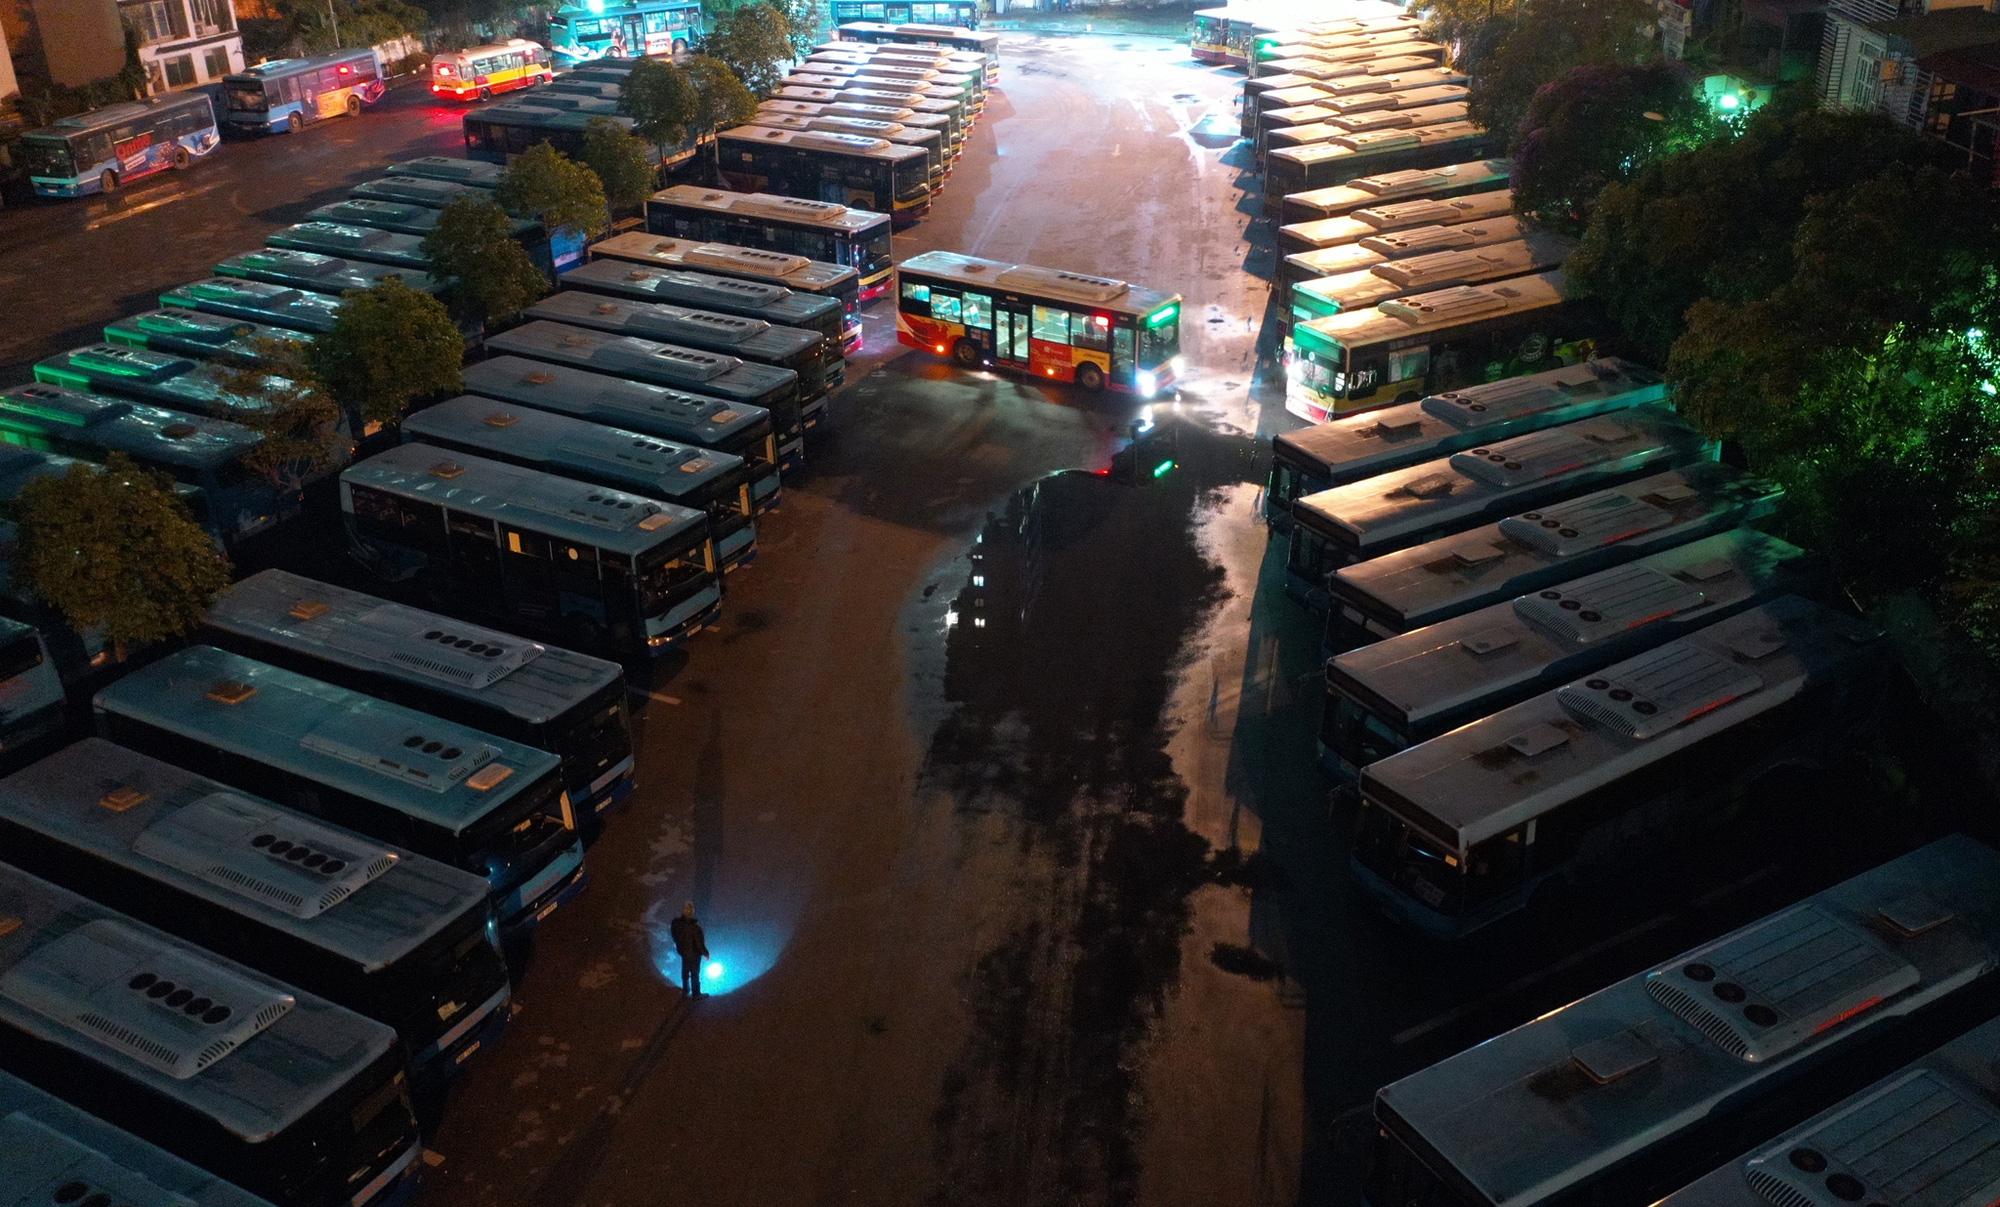 [ẢNH] Vẻ đẹp của gần 200 xe buýt tập kết về bến xếp hàng trong đêm - Ảnh 11.